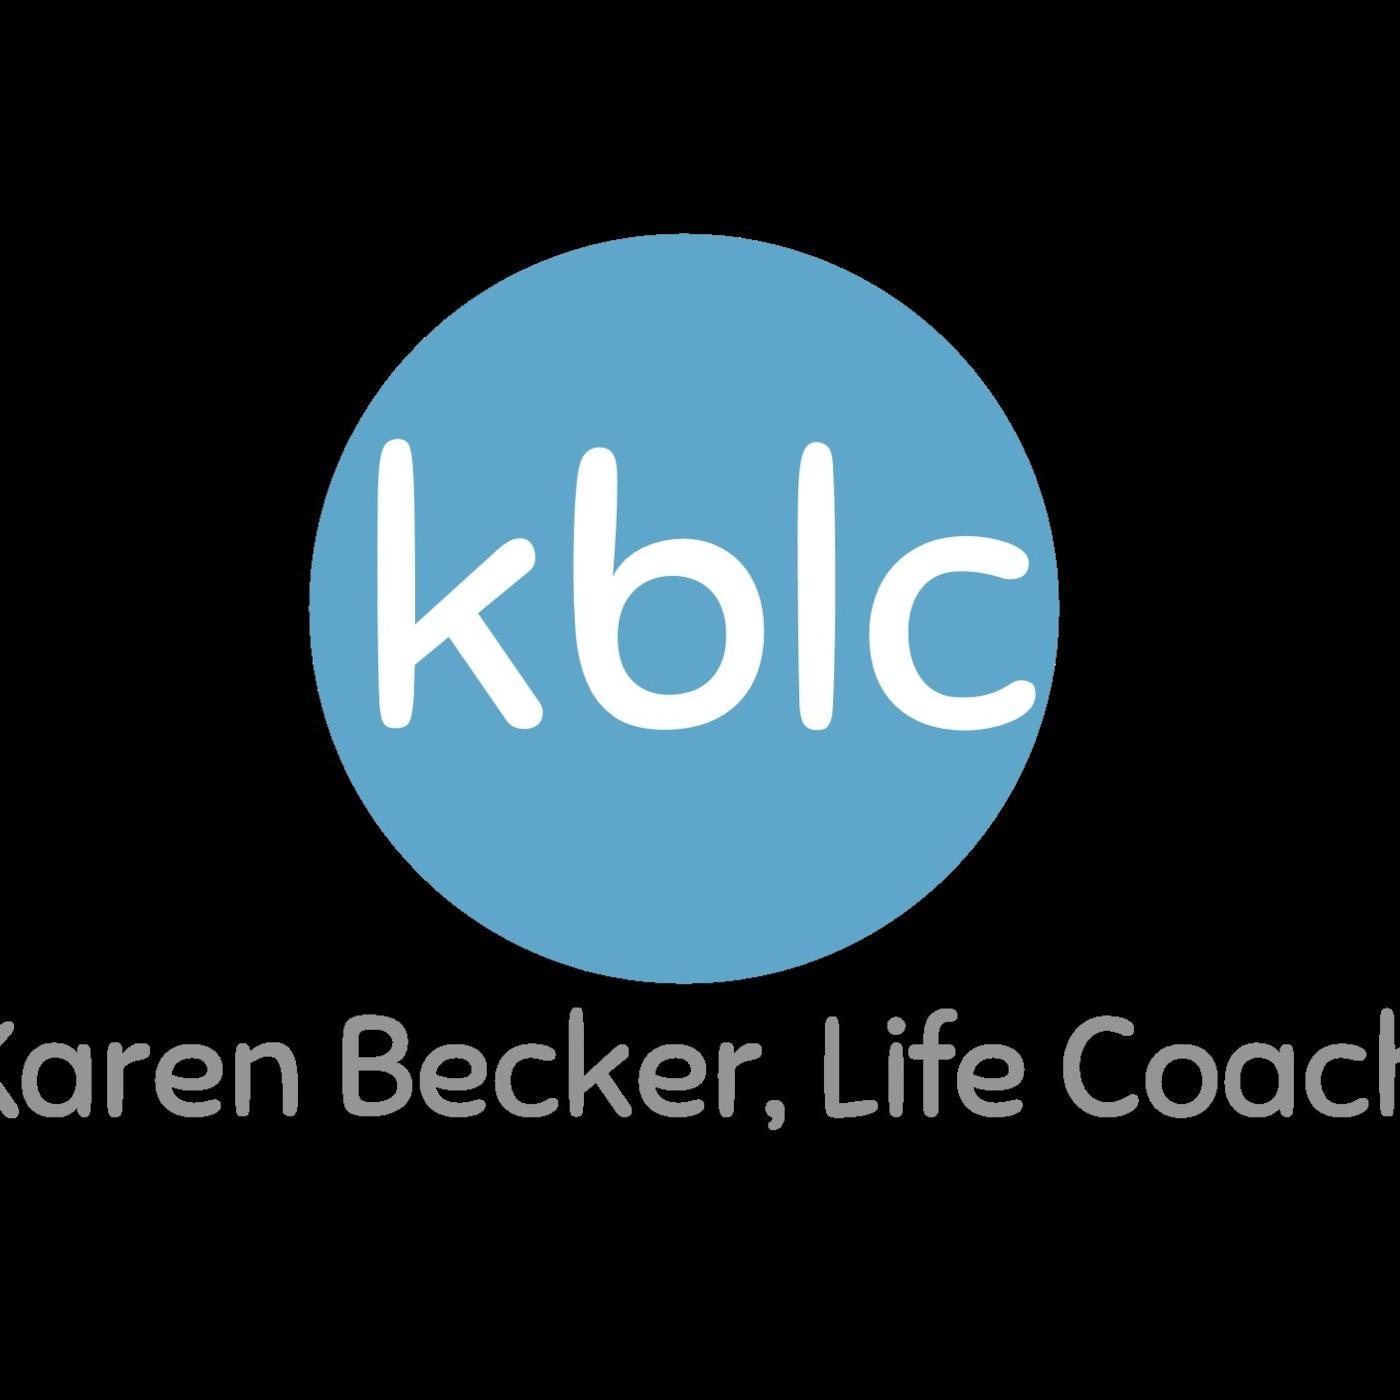 Karen Becker Life Coach